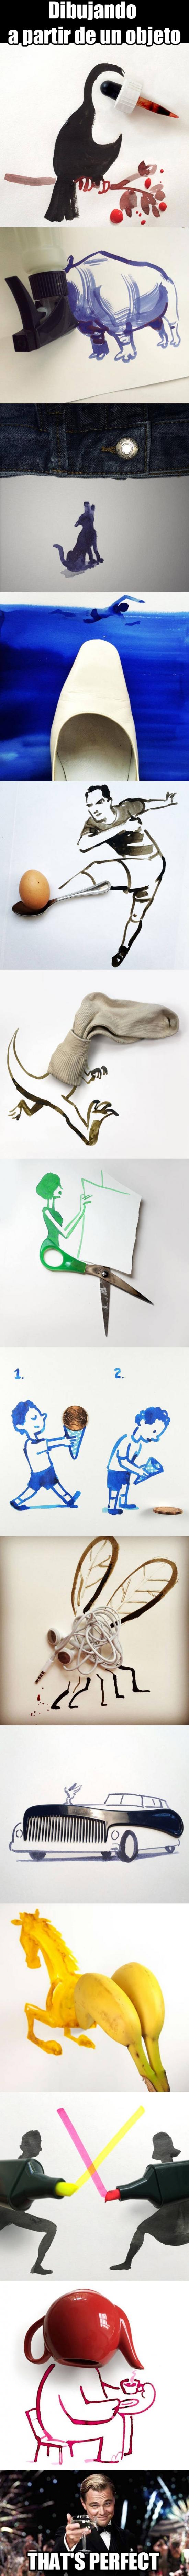 Meme_otros - Este artista dibuja a partir de objetos cotidianos que todos usamos